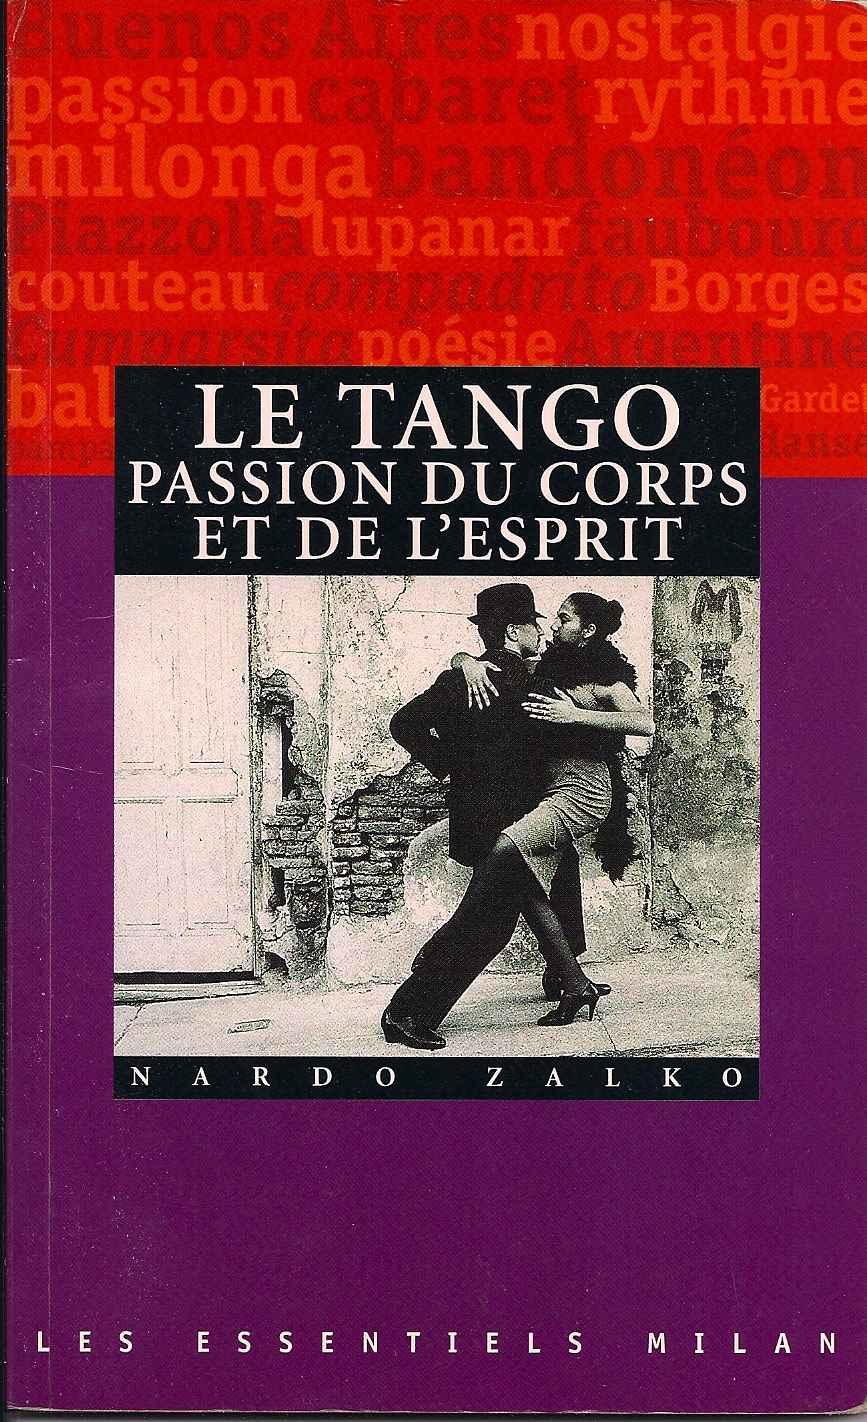 Le tango, passion du corps et de l'esprit